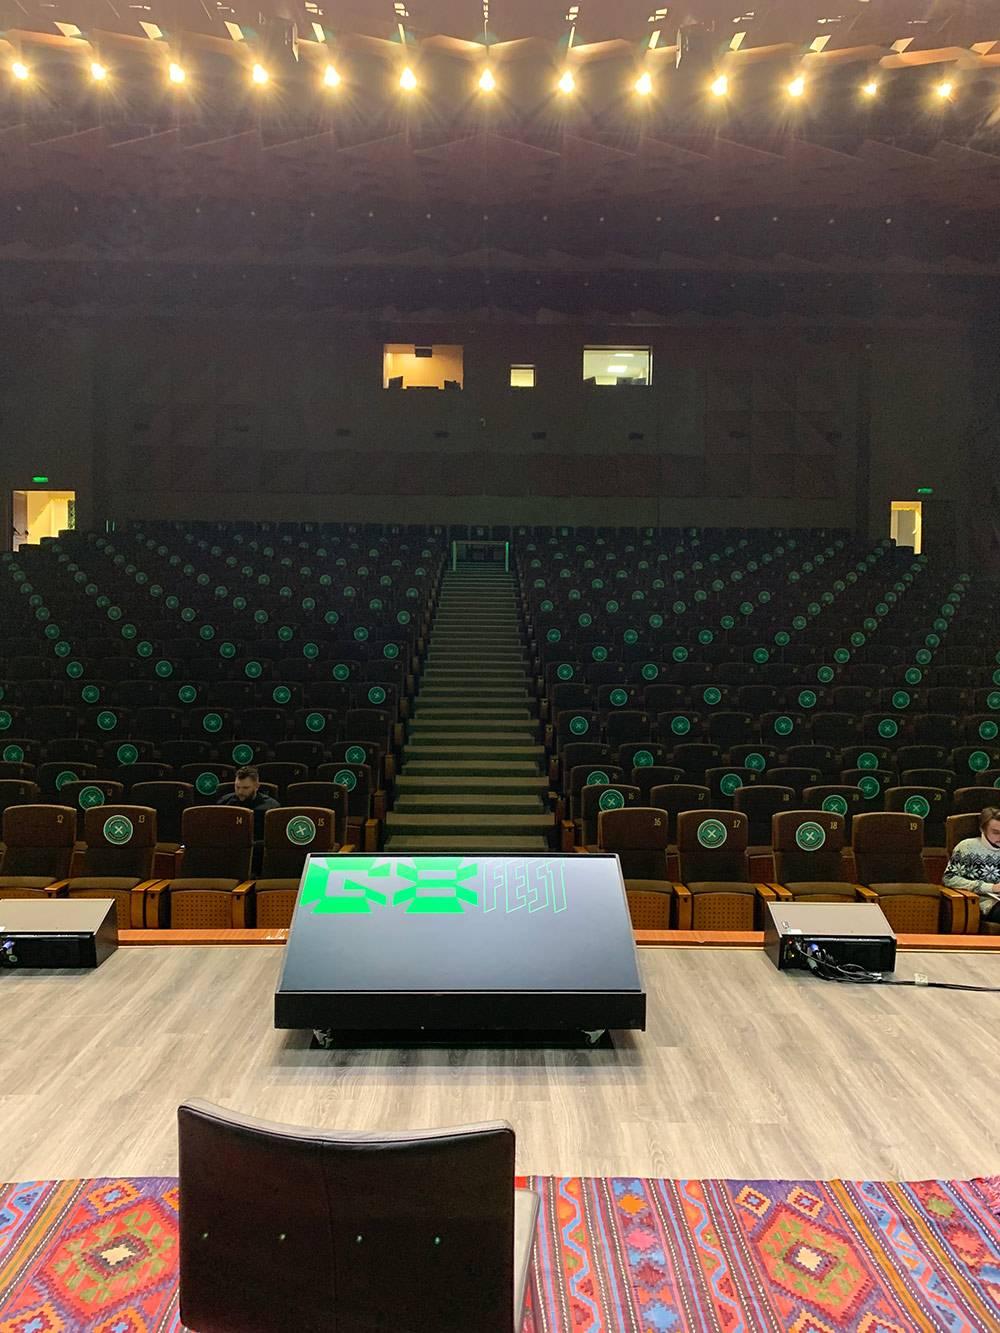 Из-за коронавируса ивент перенесли онлайн, и огромный пустой зал пугает даже больше, чем еслибы там были зрители